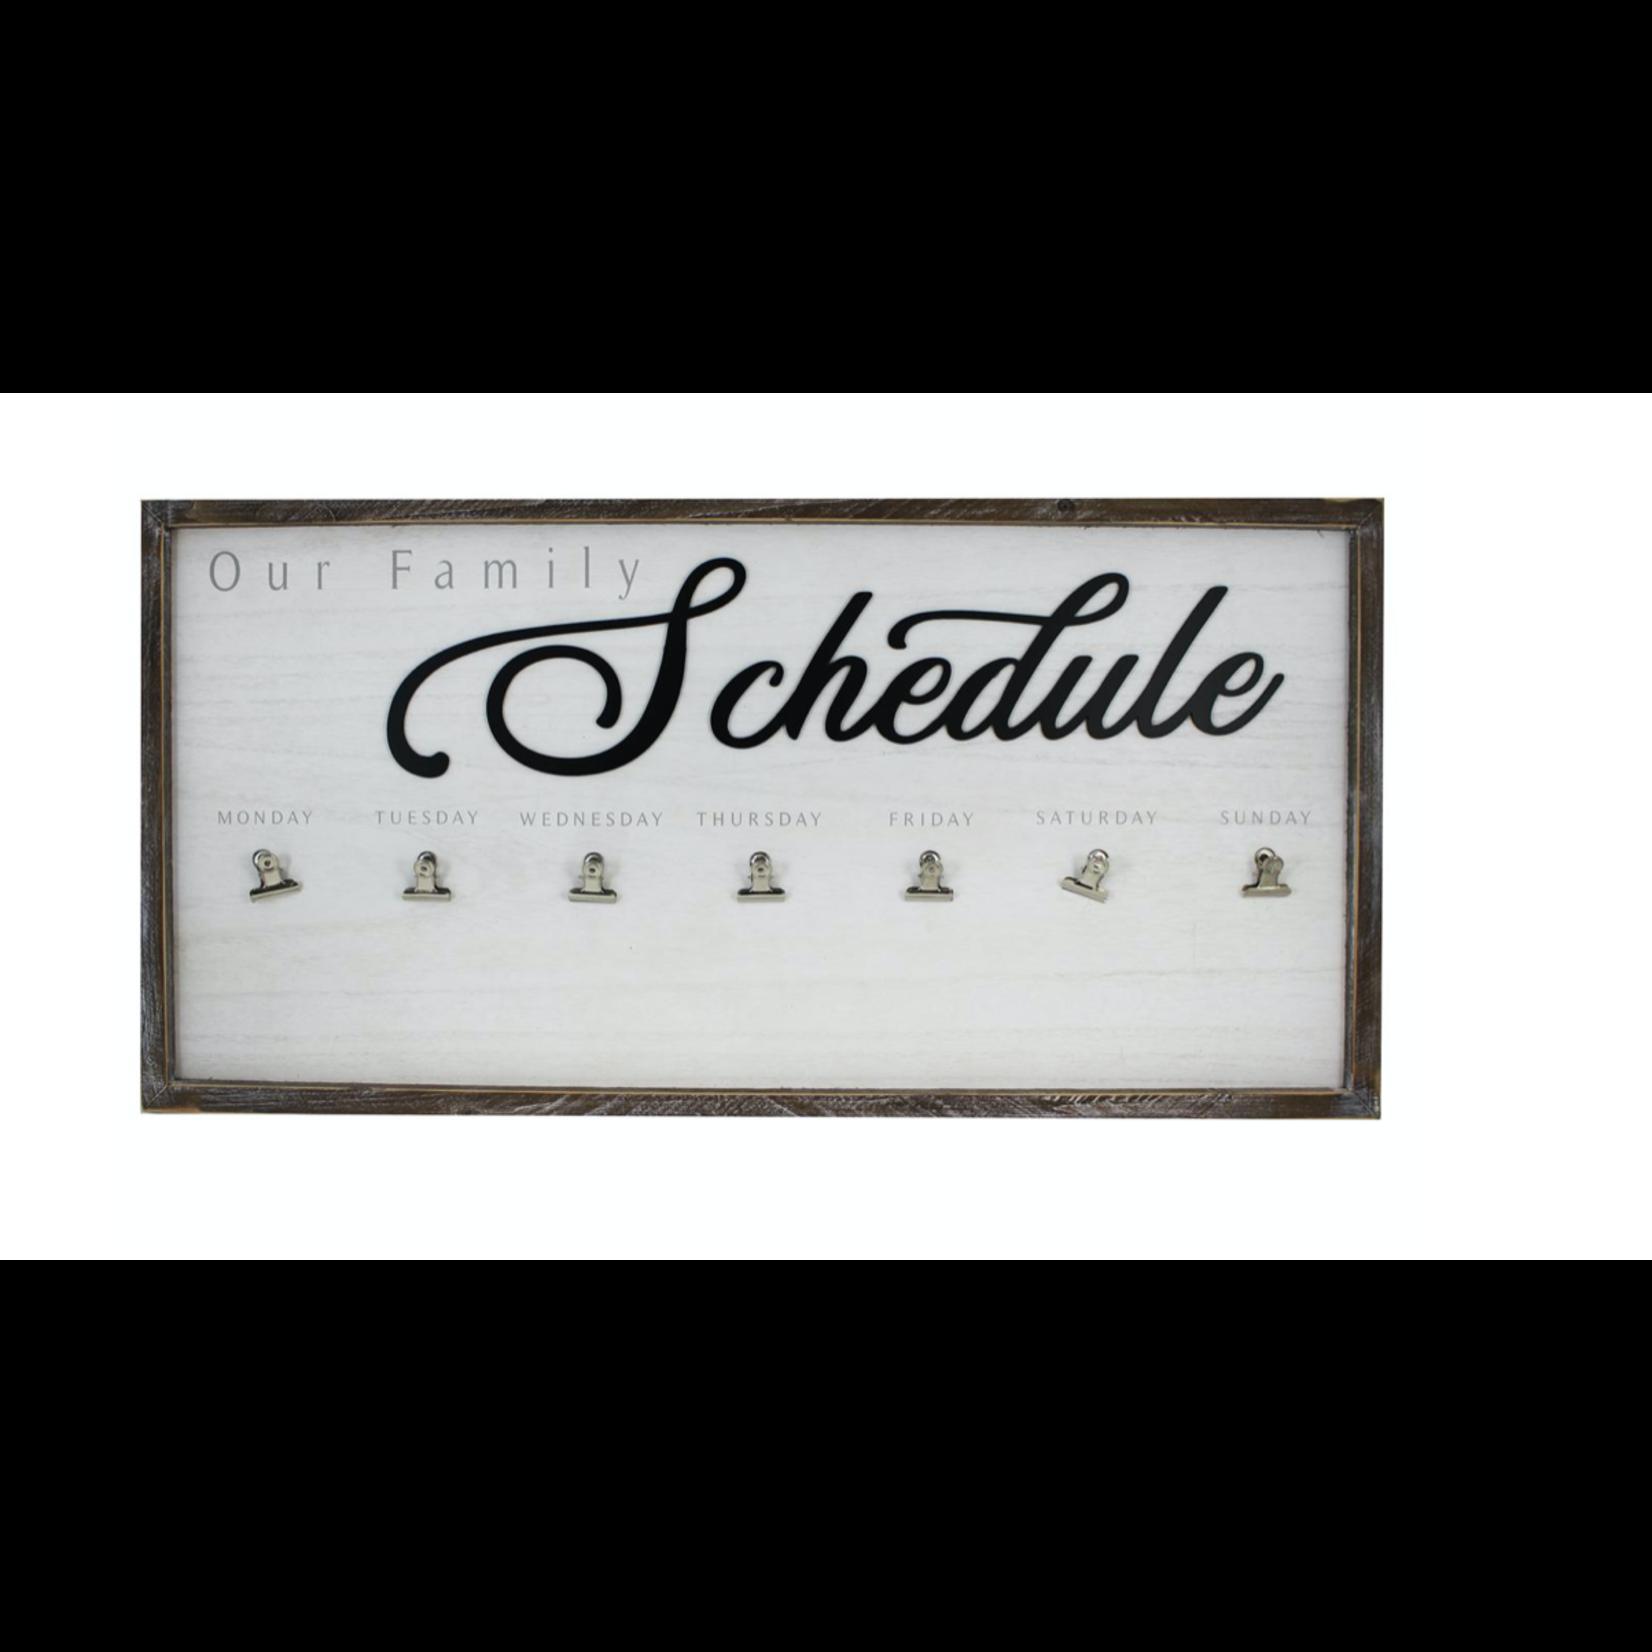 Wood Framed Schedule Board